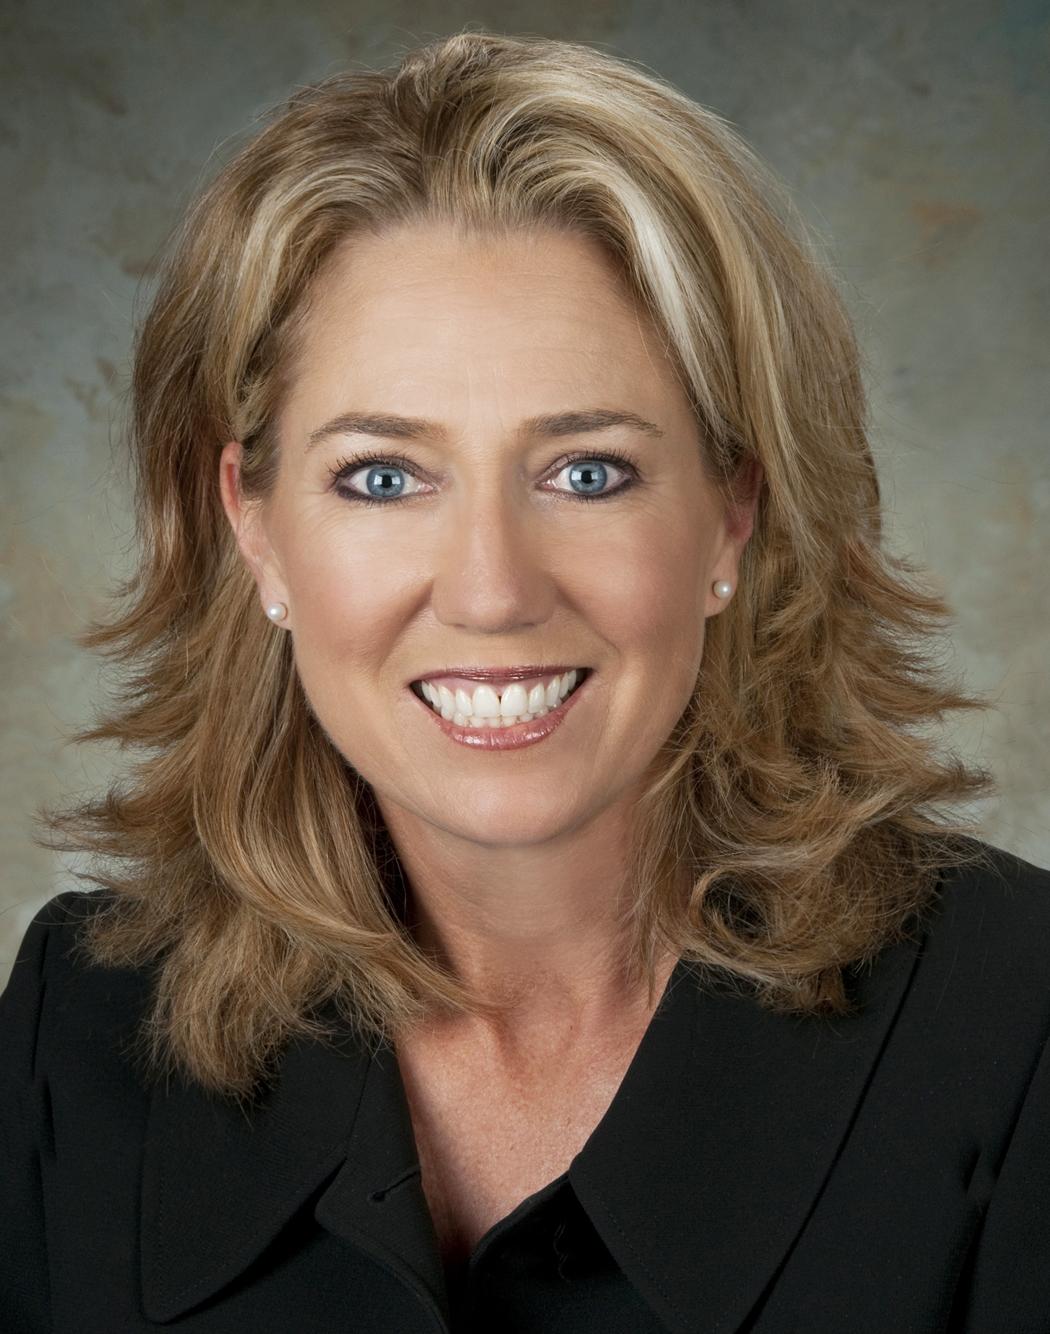 Roxanne Jeske